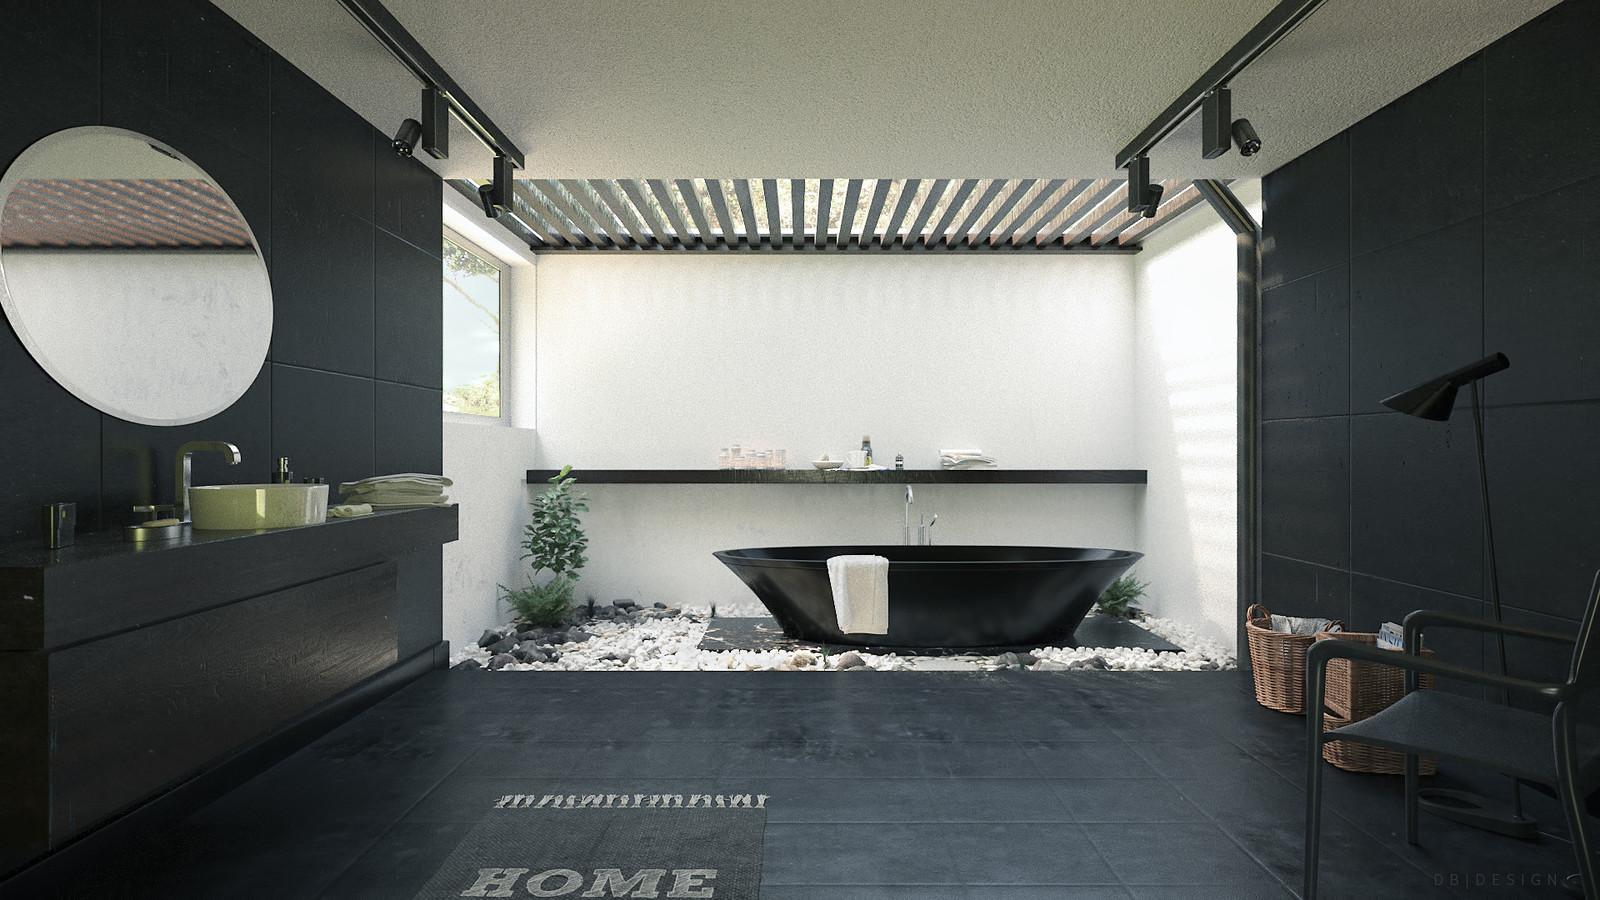 Architectural Visualisation - Zen Bathroom